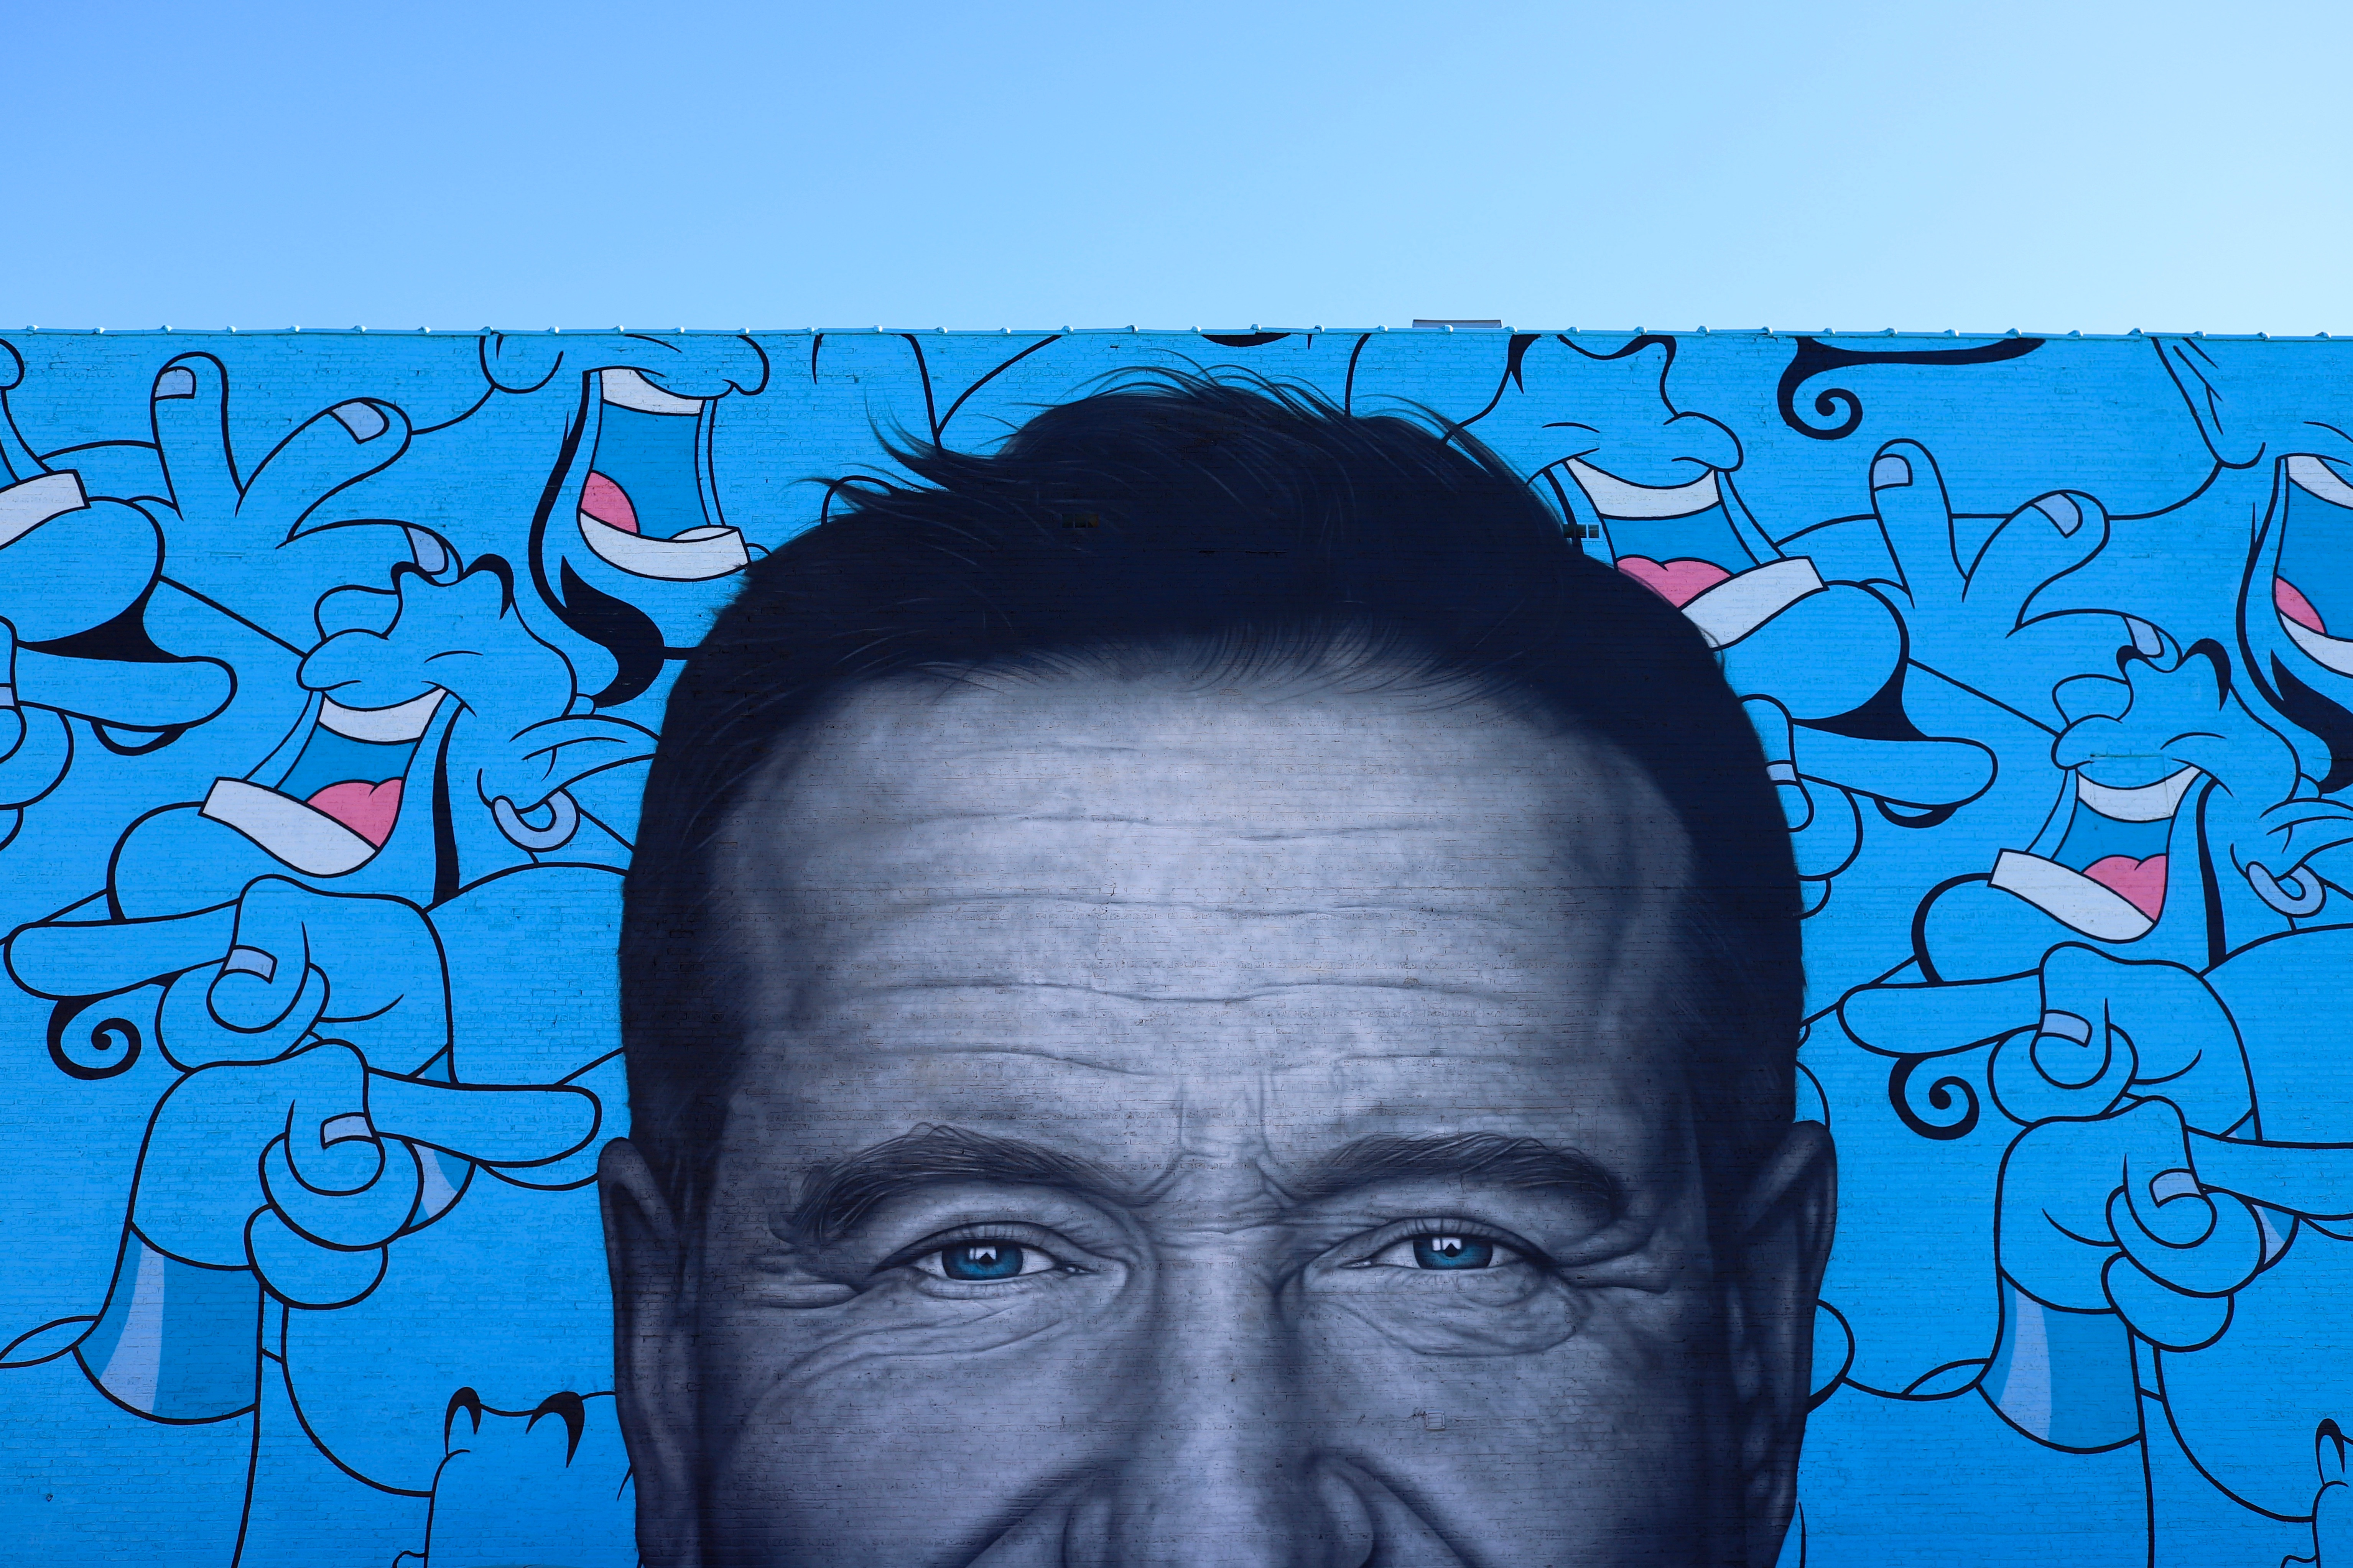 Robin Williams Mural Logan Square Chicago